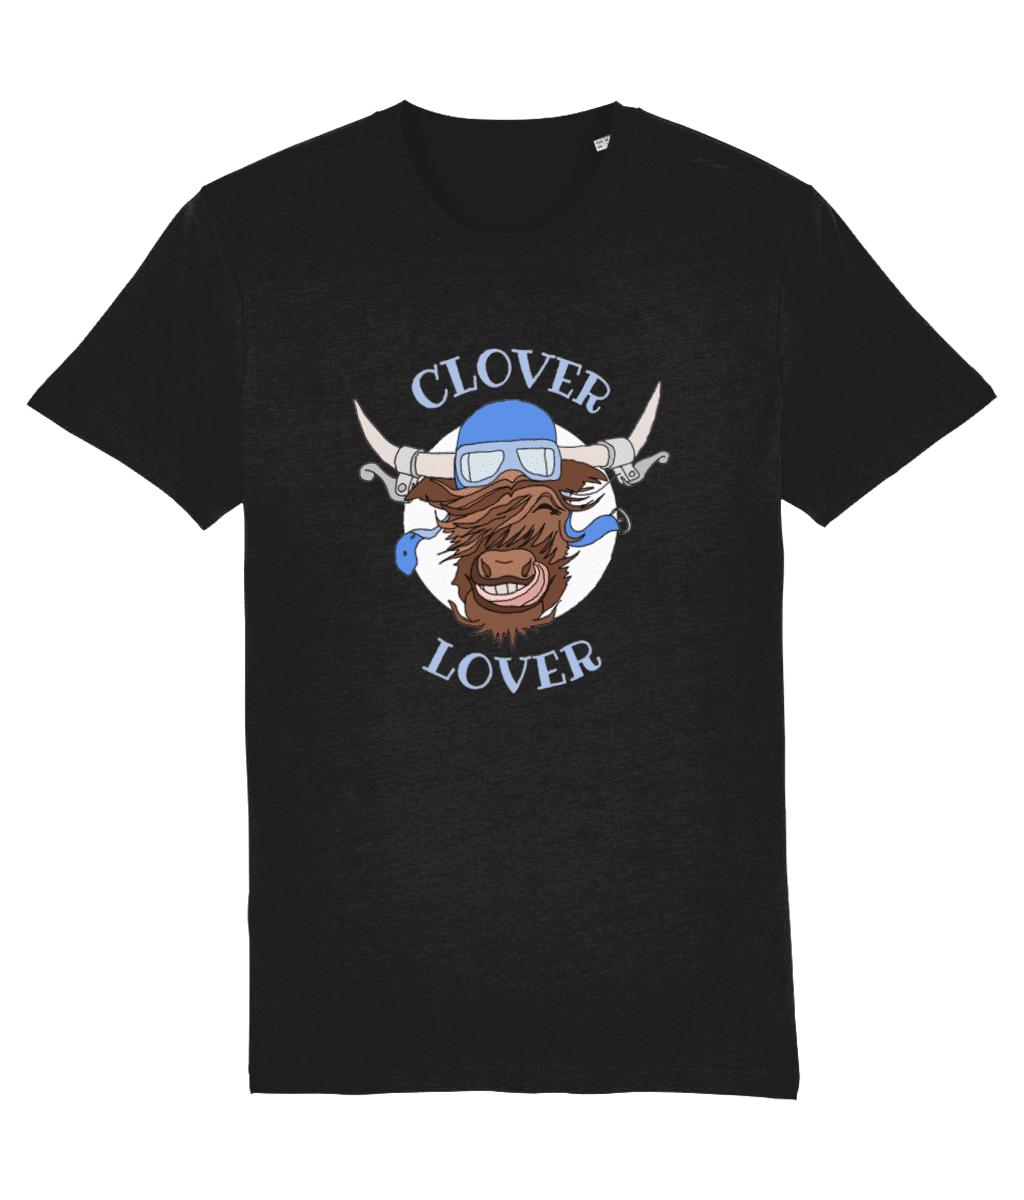 Clover Lover – Unisex Tee (Black)